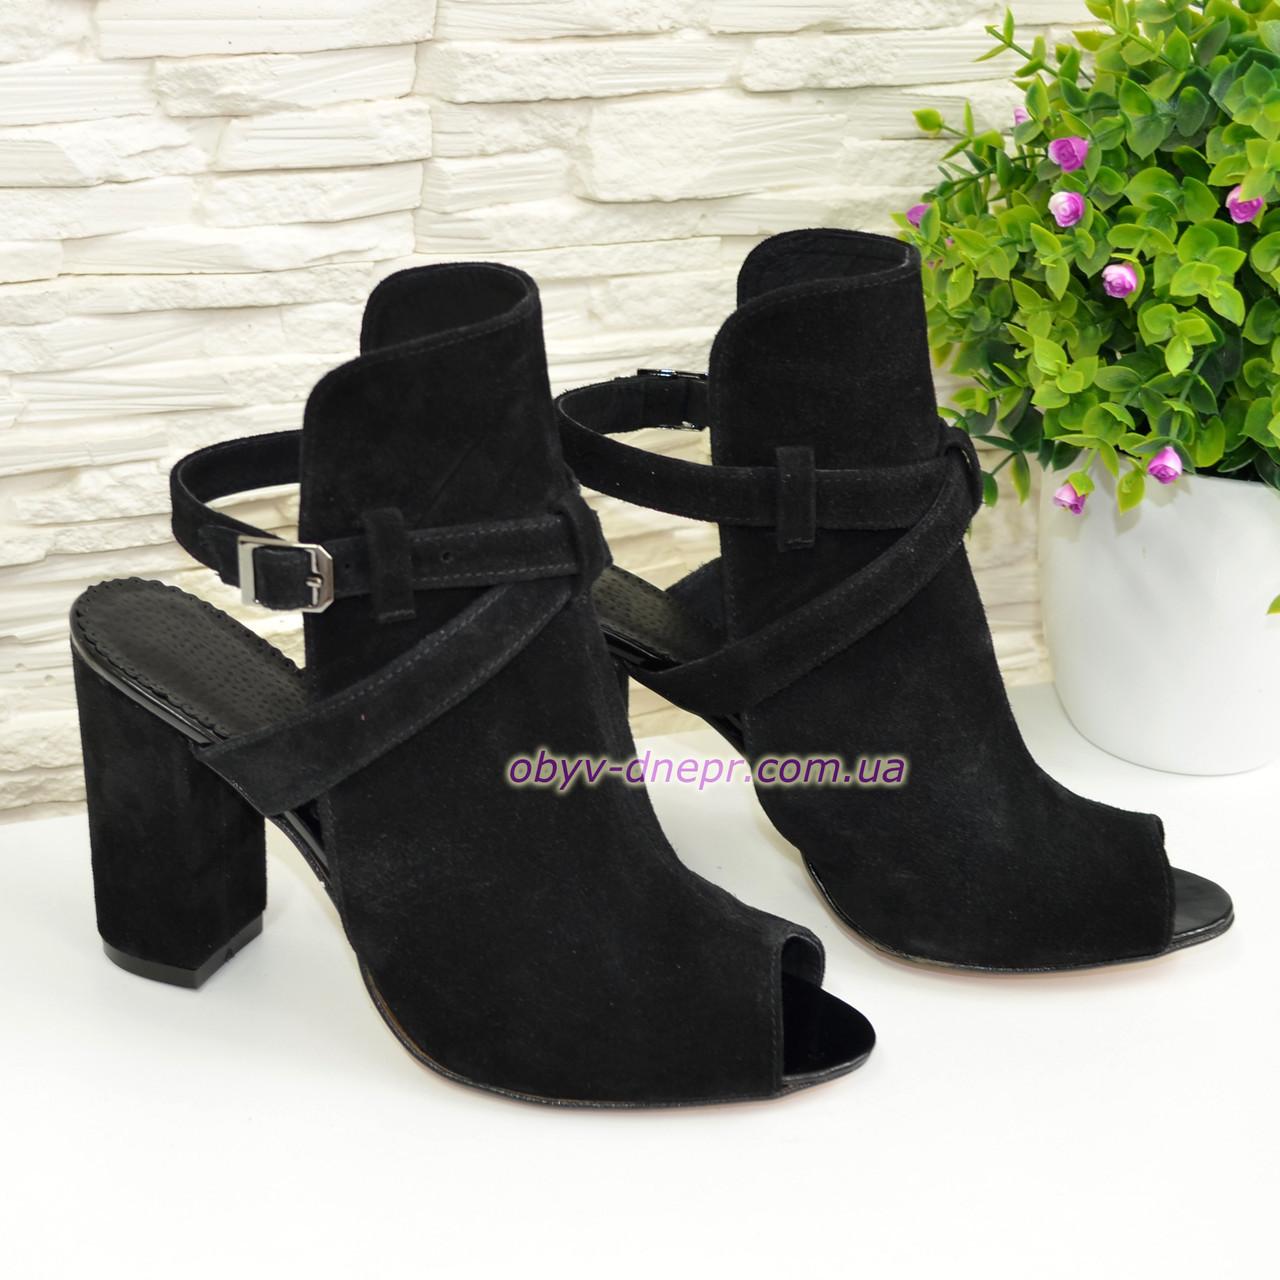 Женские черные босоножки на высоком устойчивом каблуке. В наличии 40 размер